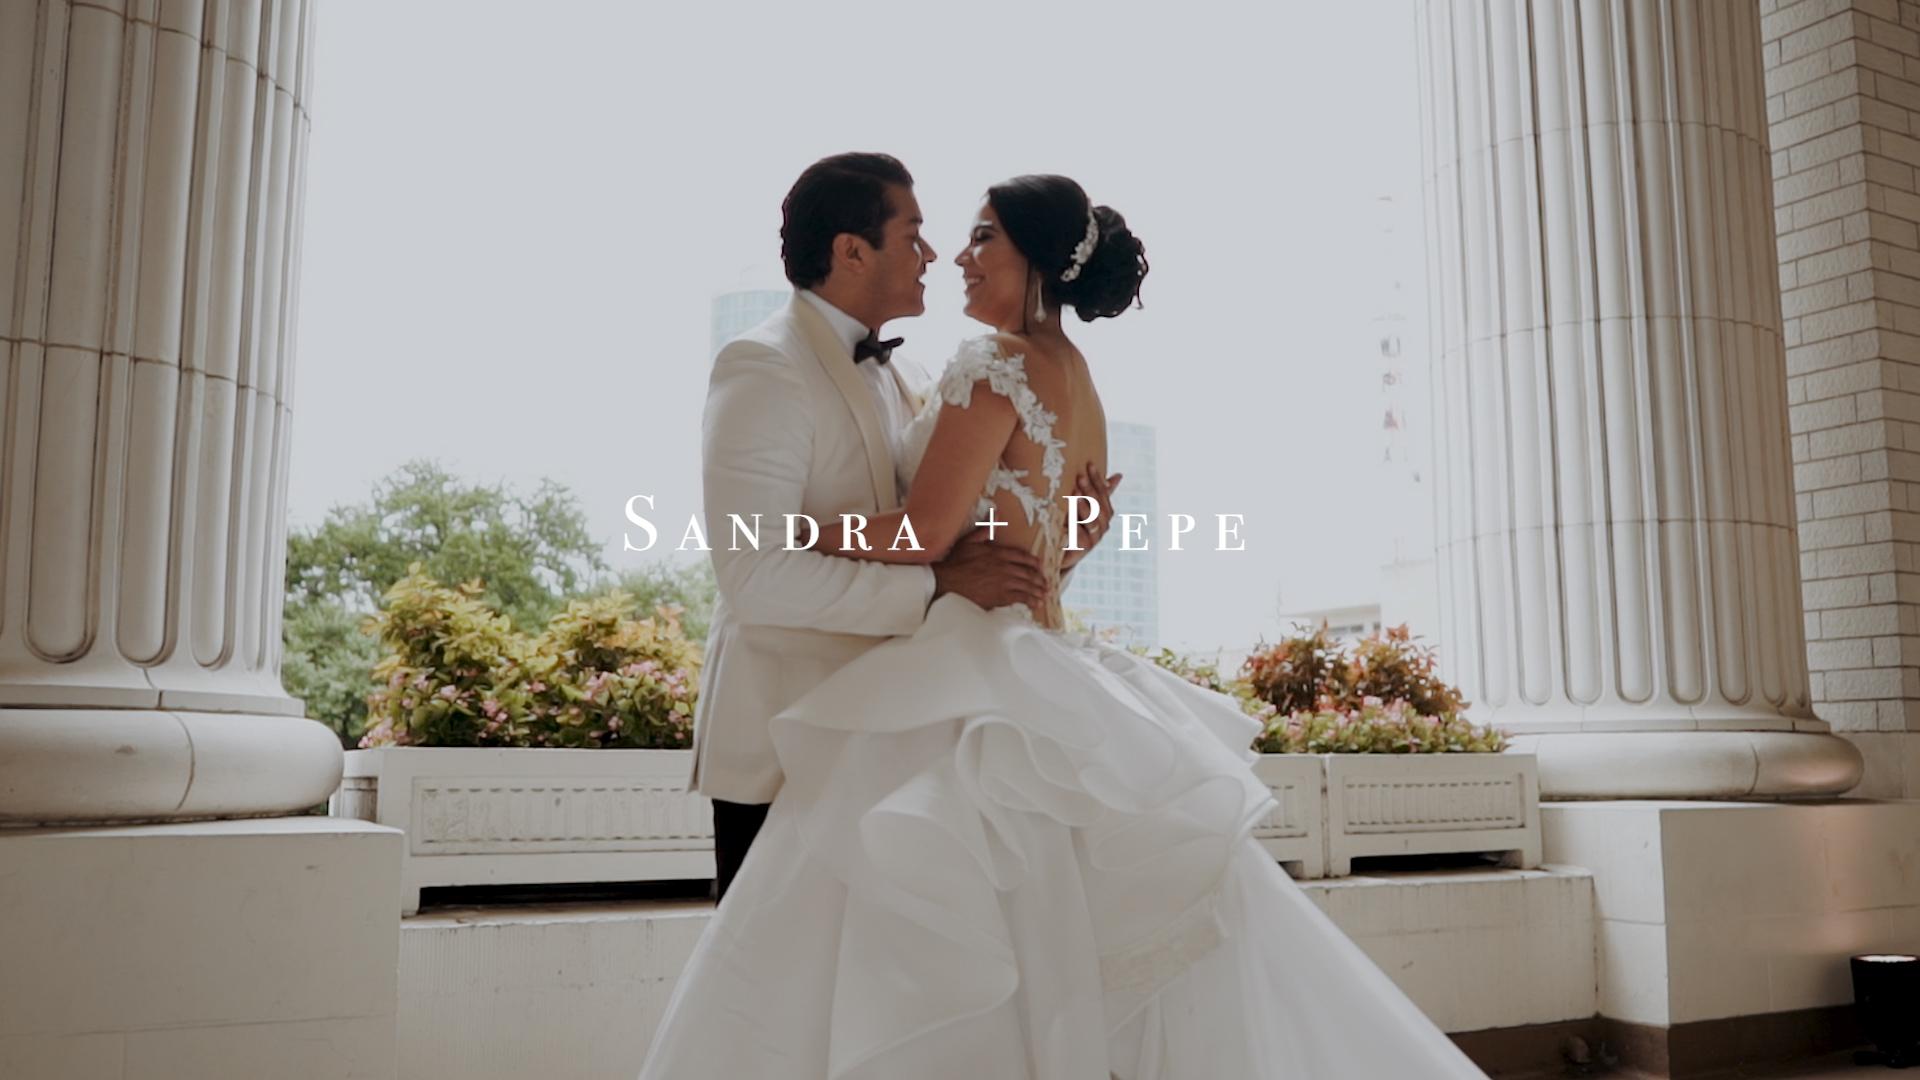 Sandra + Pepe | Dallas, Texas | Union Station Dallas